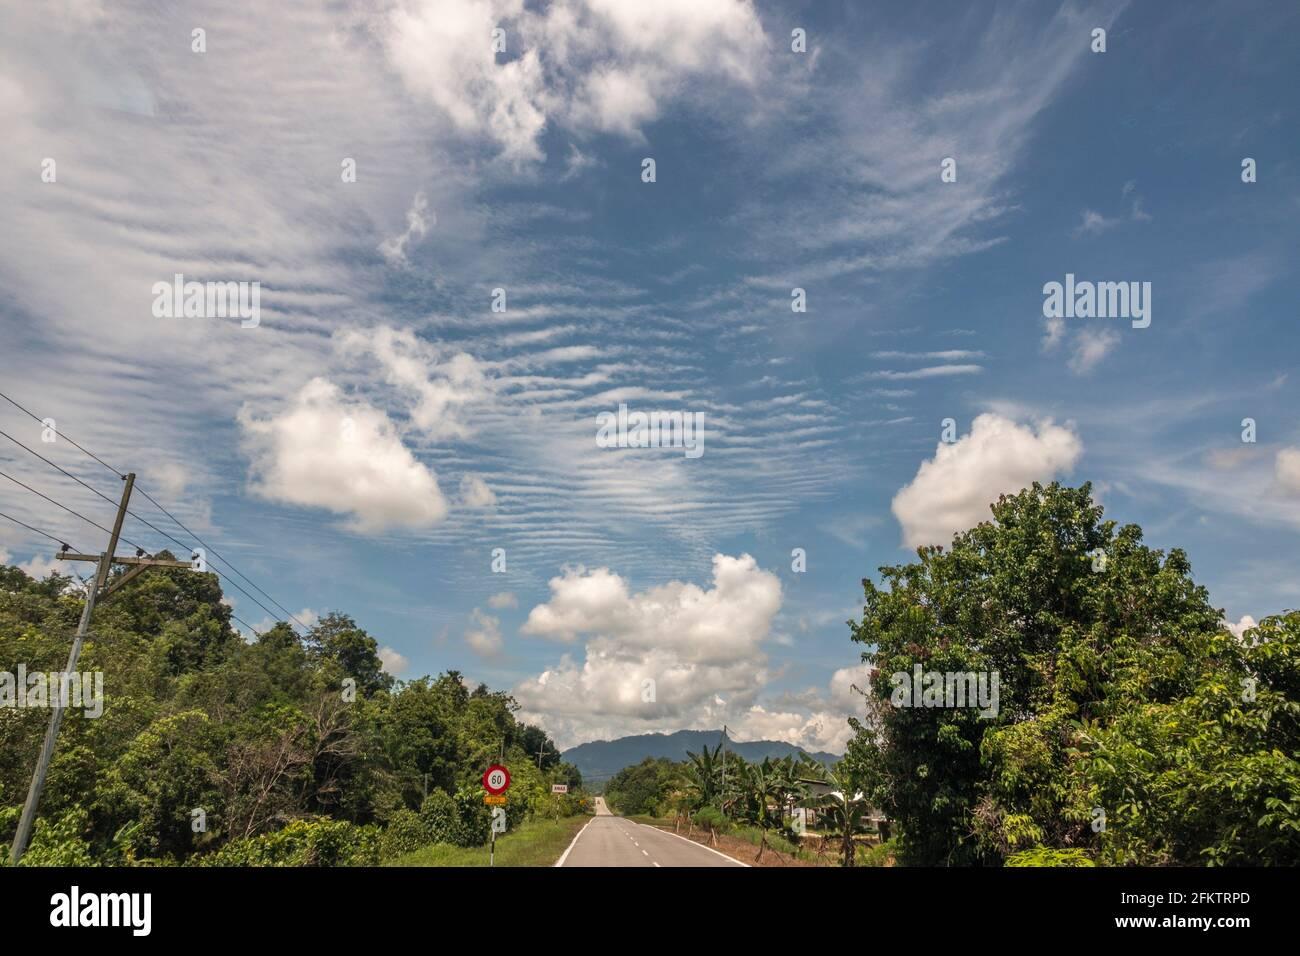 Ciel bleu et nuages à Kampung Amo, Serian, Sarawak, Malaisie orientale Banque D'Images